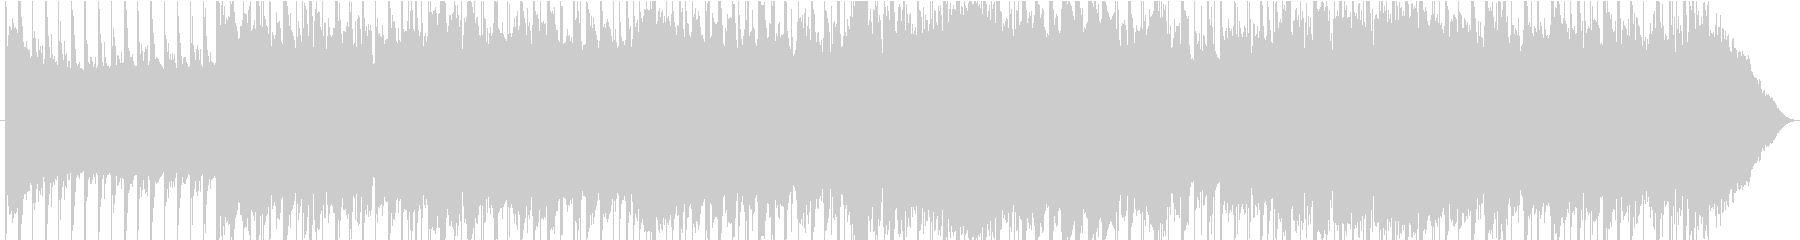 ダークな雰囲気のあるロックサウンドの未再生の波形